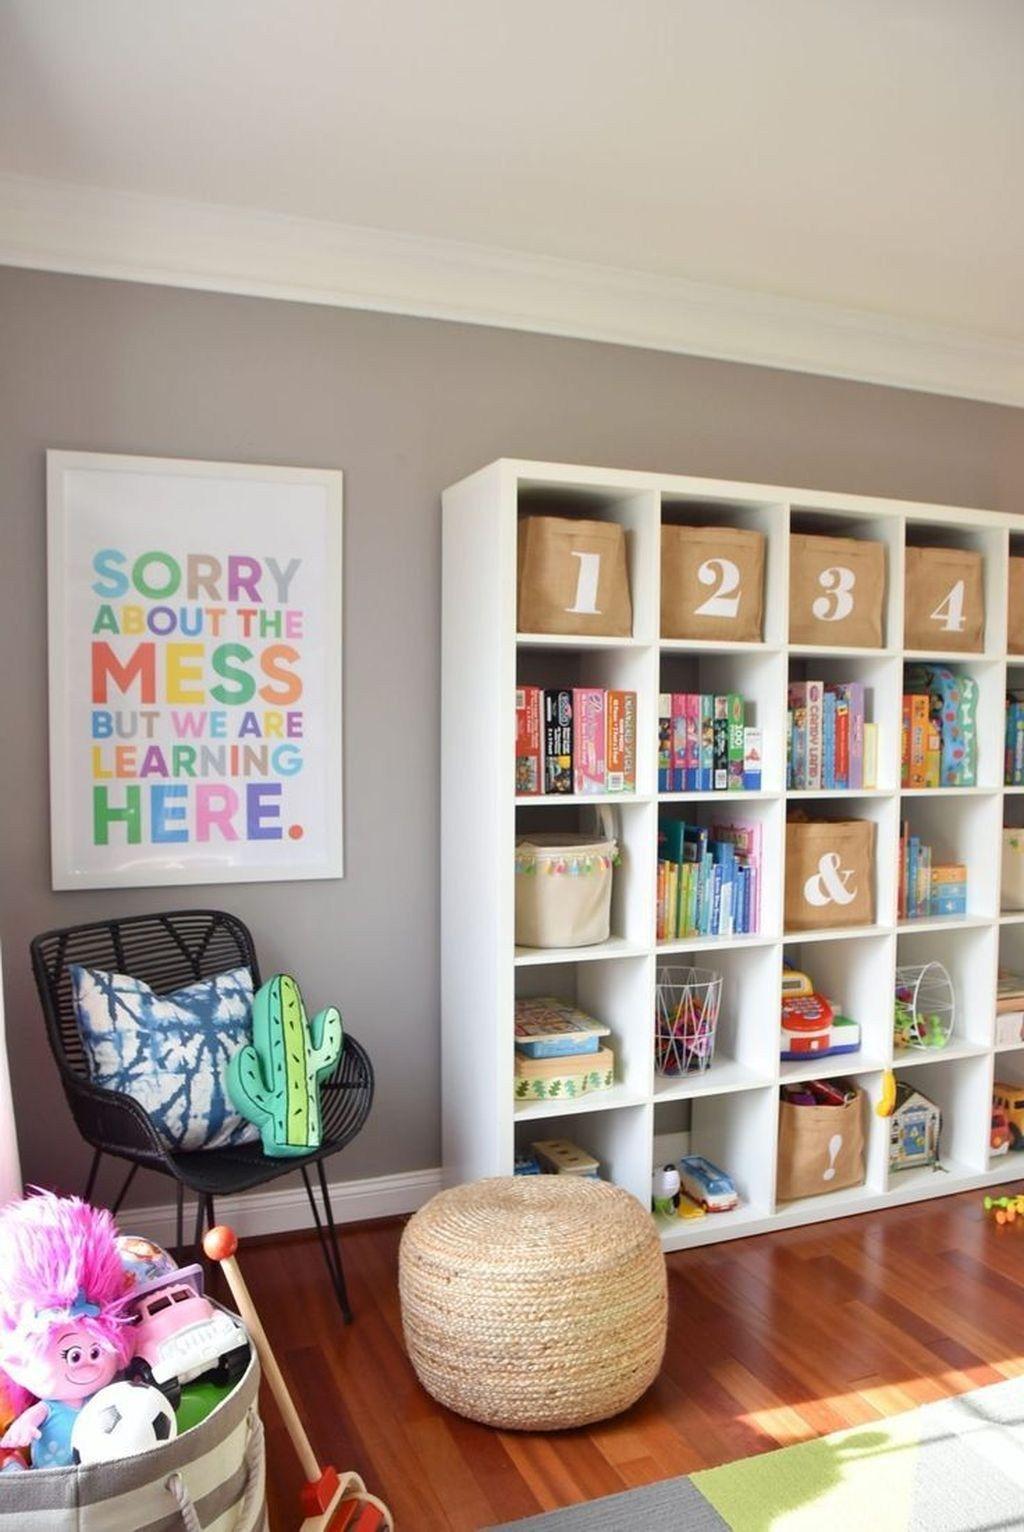 20 Moderne Farbenfrohen Schlafzimmer Deko Ideen Fur Kinder Mit Bildern Kinderzimmer Dekor Spiel Farben Zimmerdekoration